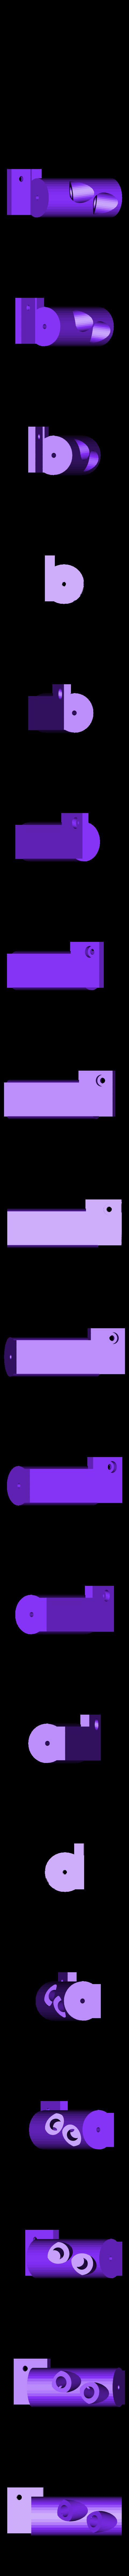 FeltMarkerTopper.stl Download free STL file Mega Felt Marker Topper • 3D printable template, DelhiCucumber